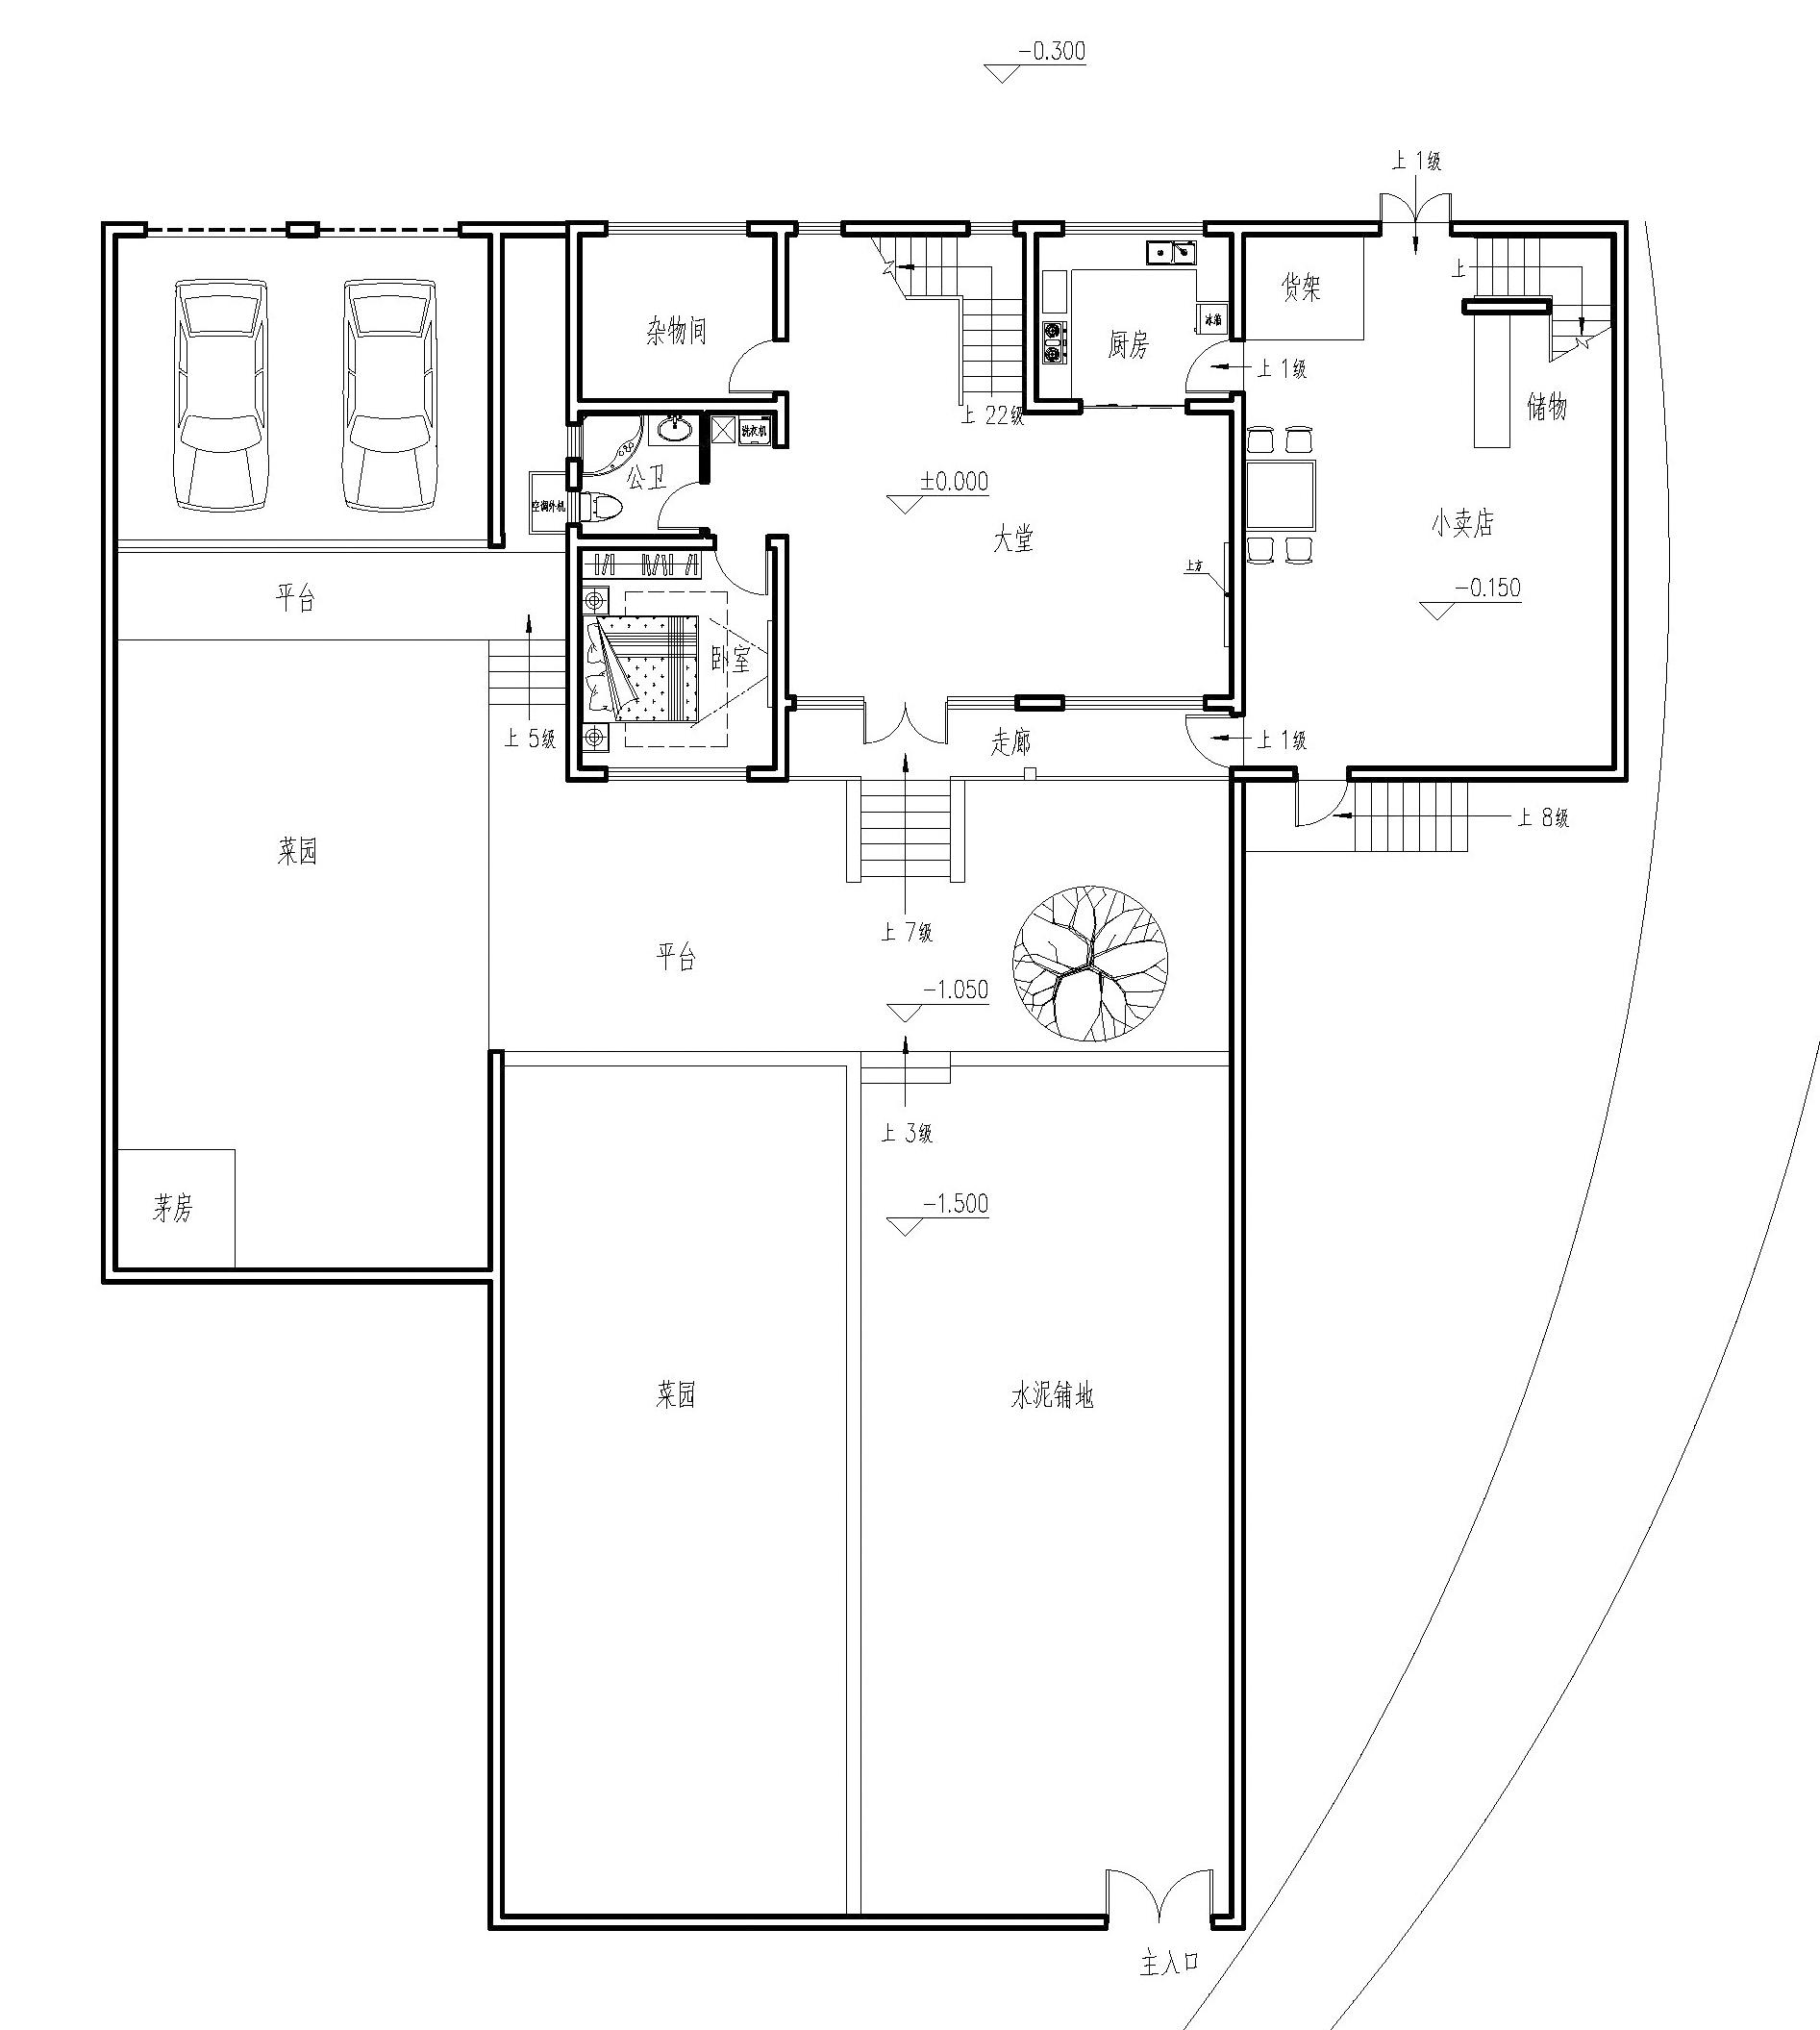 平面设计图:堂屋的设计是为了在逢年过节更好的摆桌聚餐,很符合农村